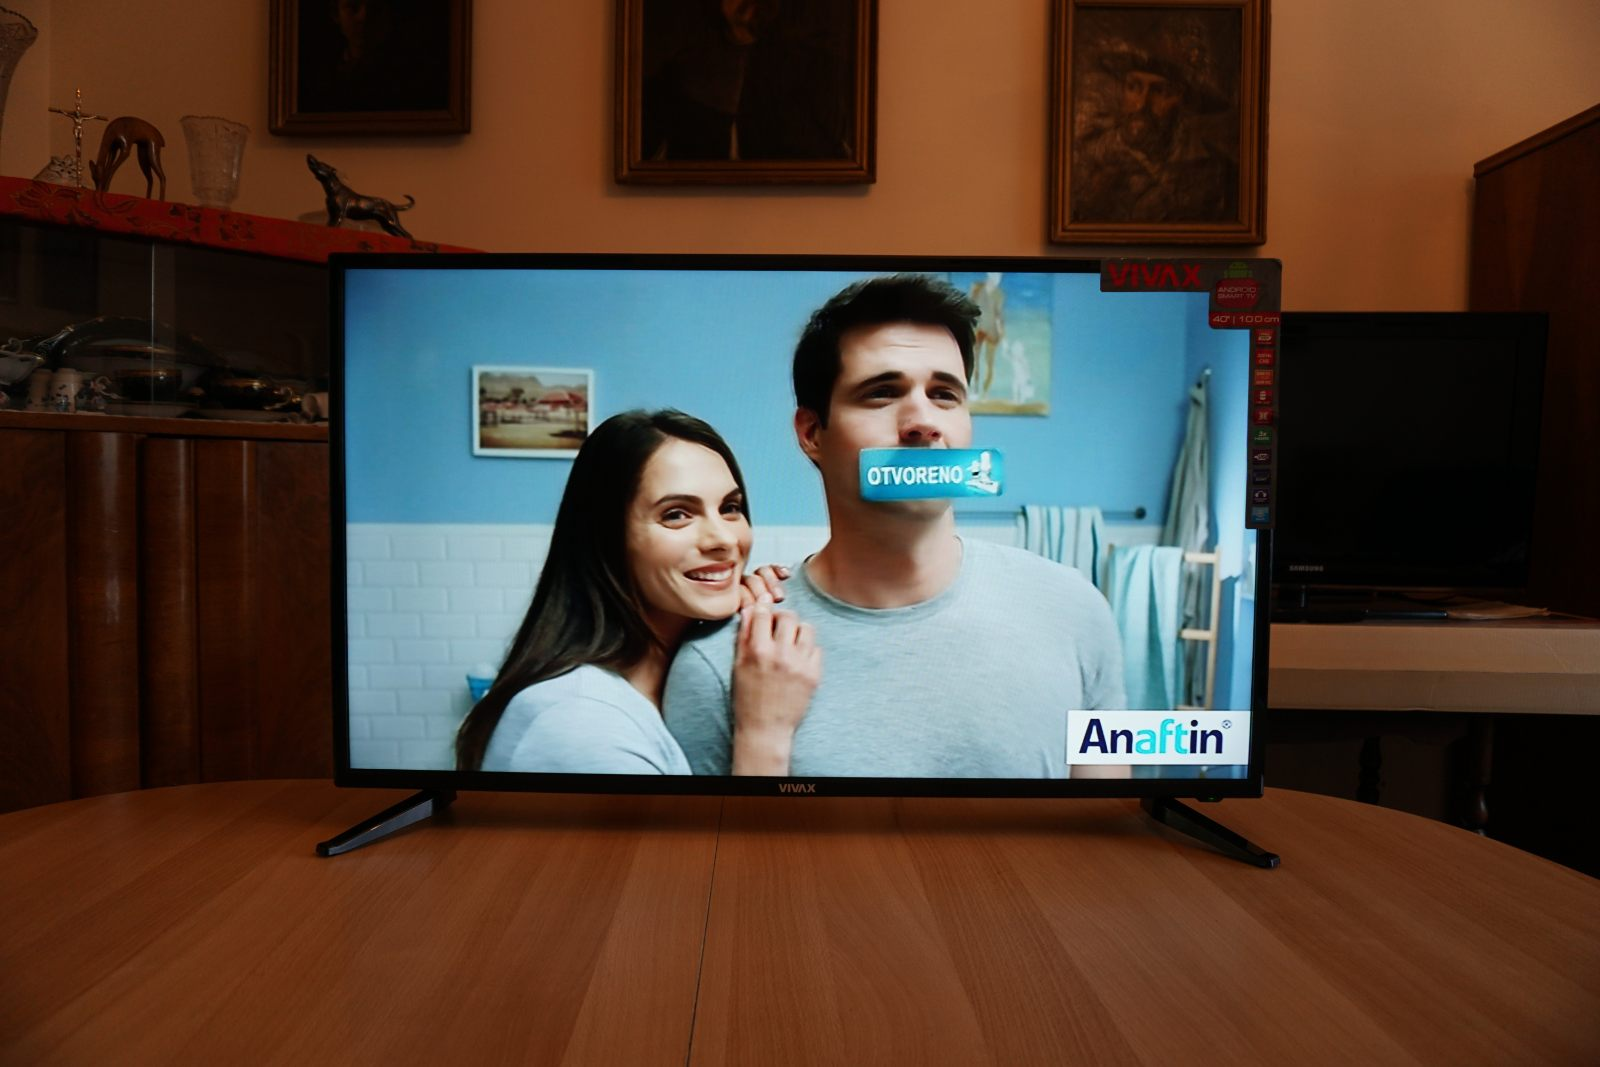 Vivax TV 40LE77SM 40